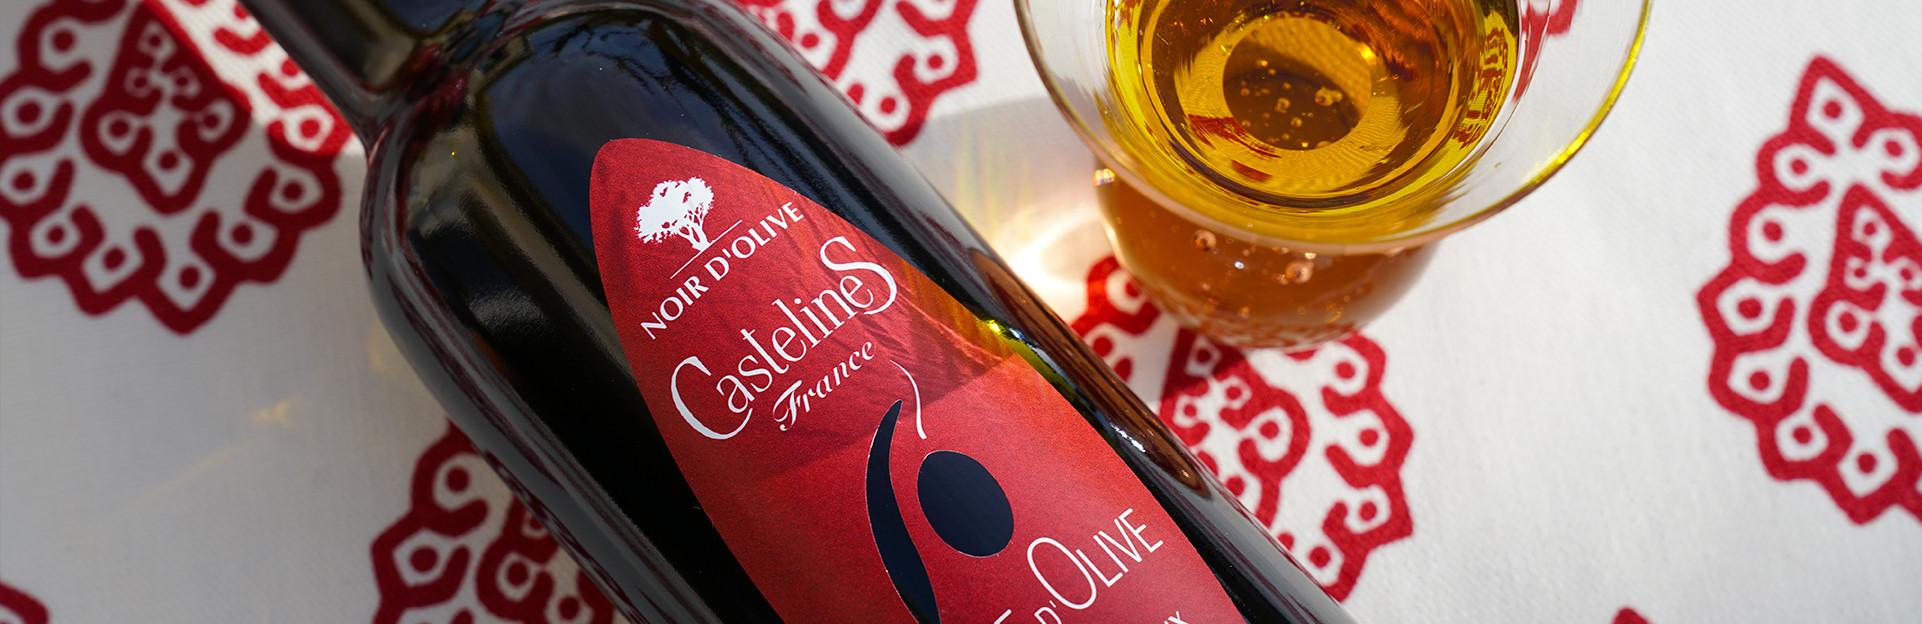 Huile d'Olive Vierge fruité Noir AOP Vallée des Baux de Provence Moulin CastelaS